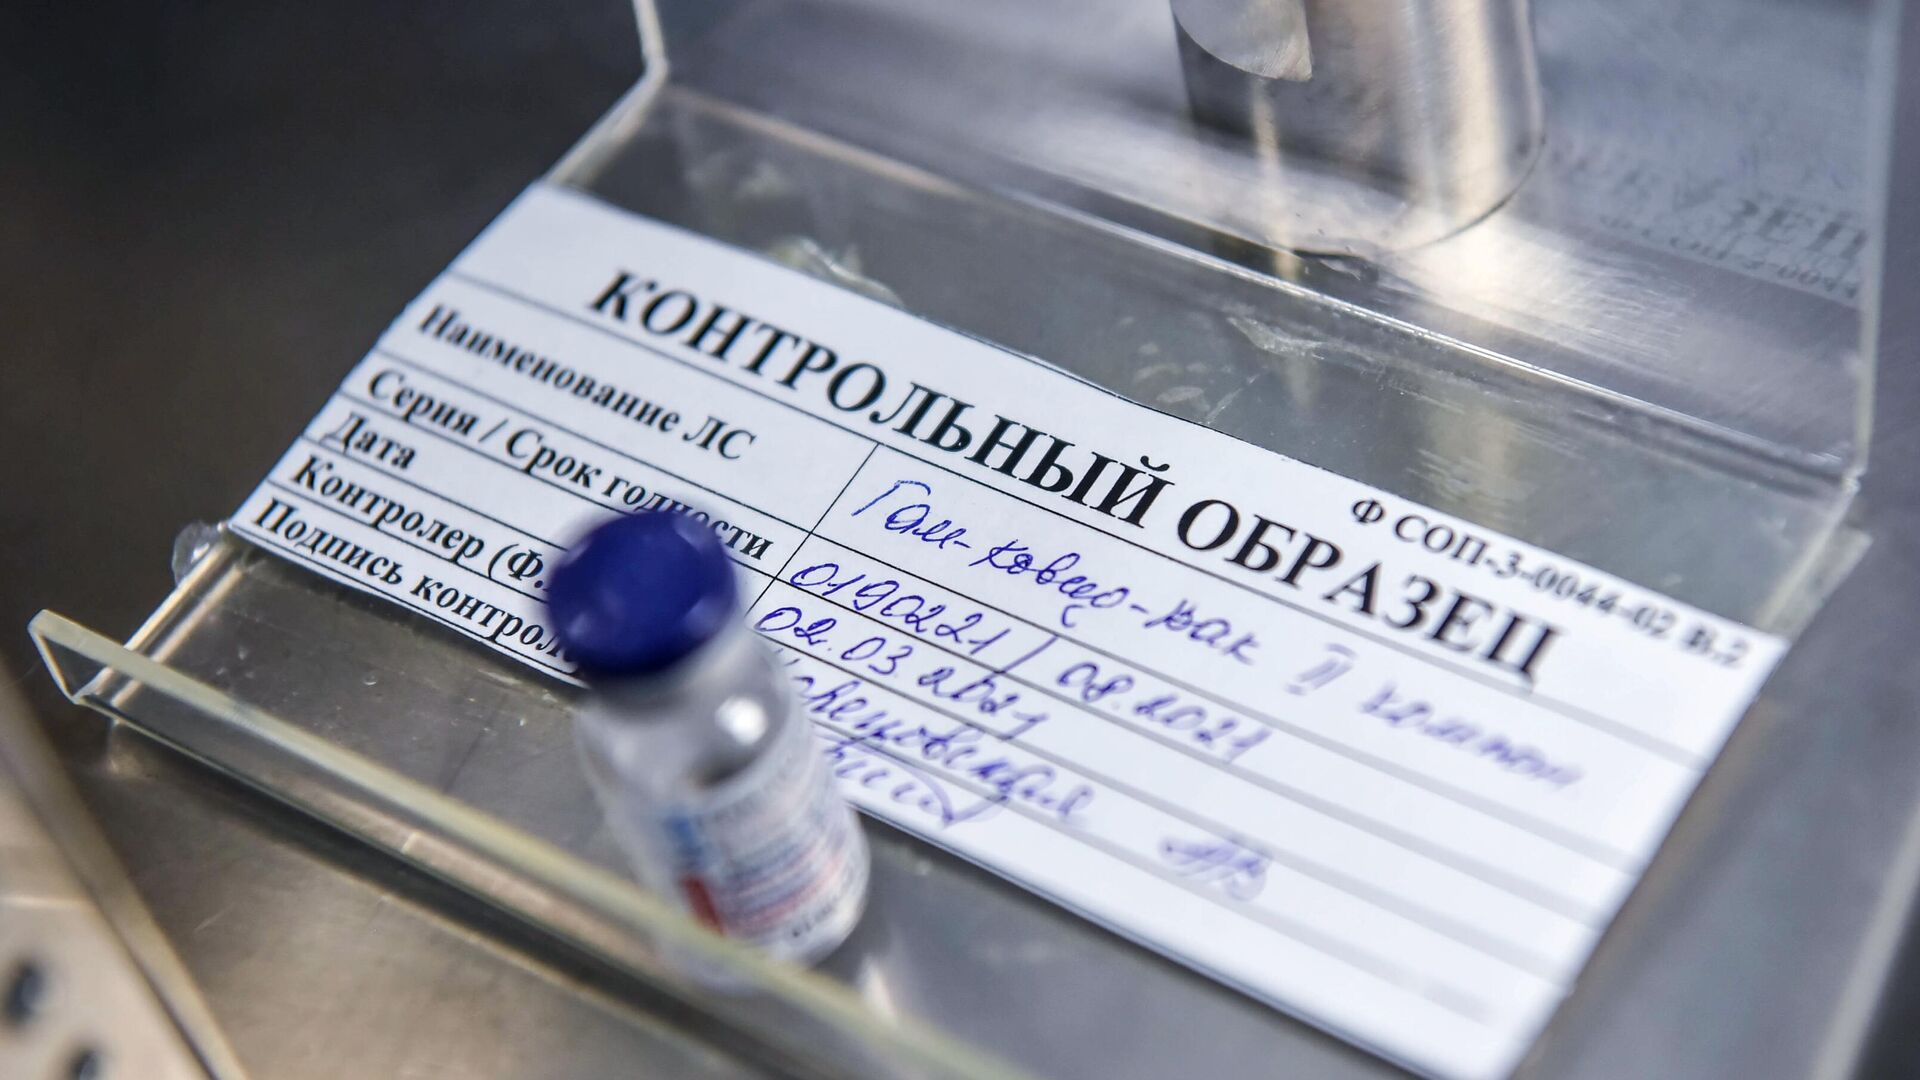 Контрольный образец вакцины Спутник V на производстве - Sputnik Латвия, 1920, 02.07.2021